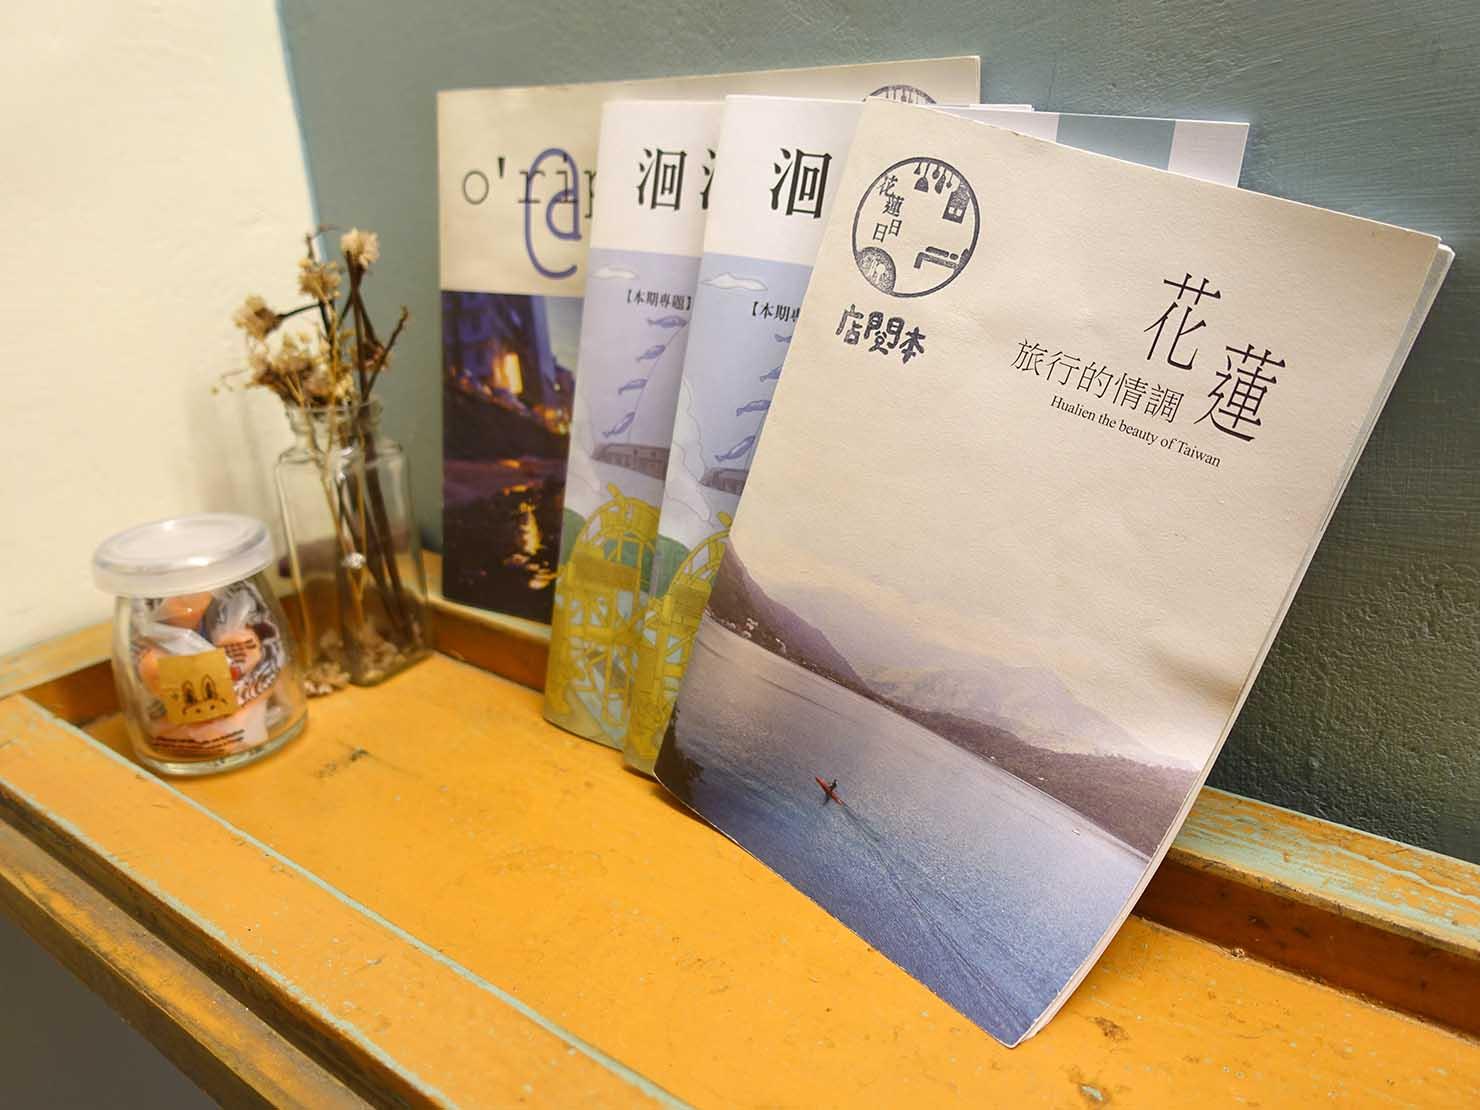 花蓮市街中心部のレトロかわいいおすすめゲストハウス「花蓮日日 Hualien dairy」單人房(シングルルーム)に置かれた雑誌